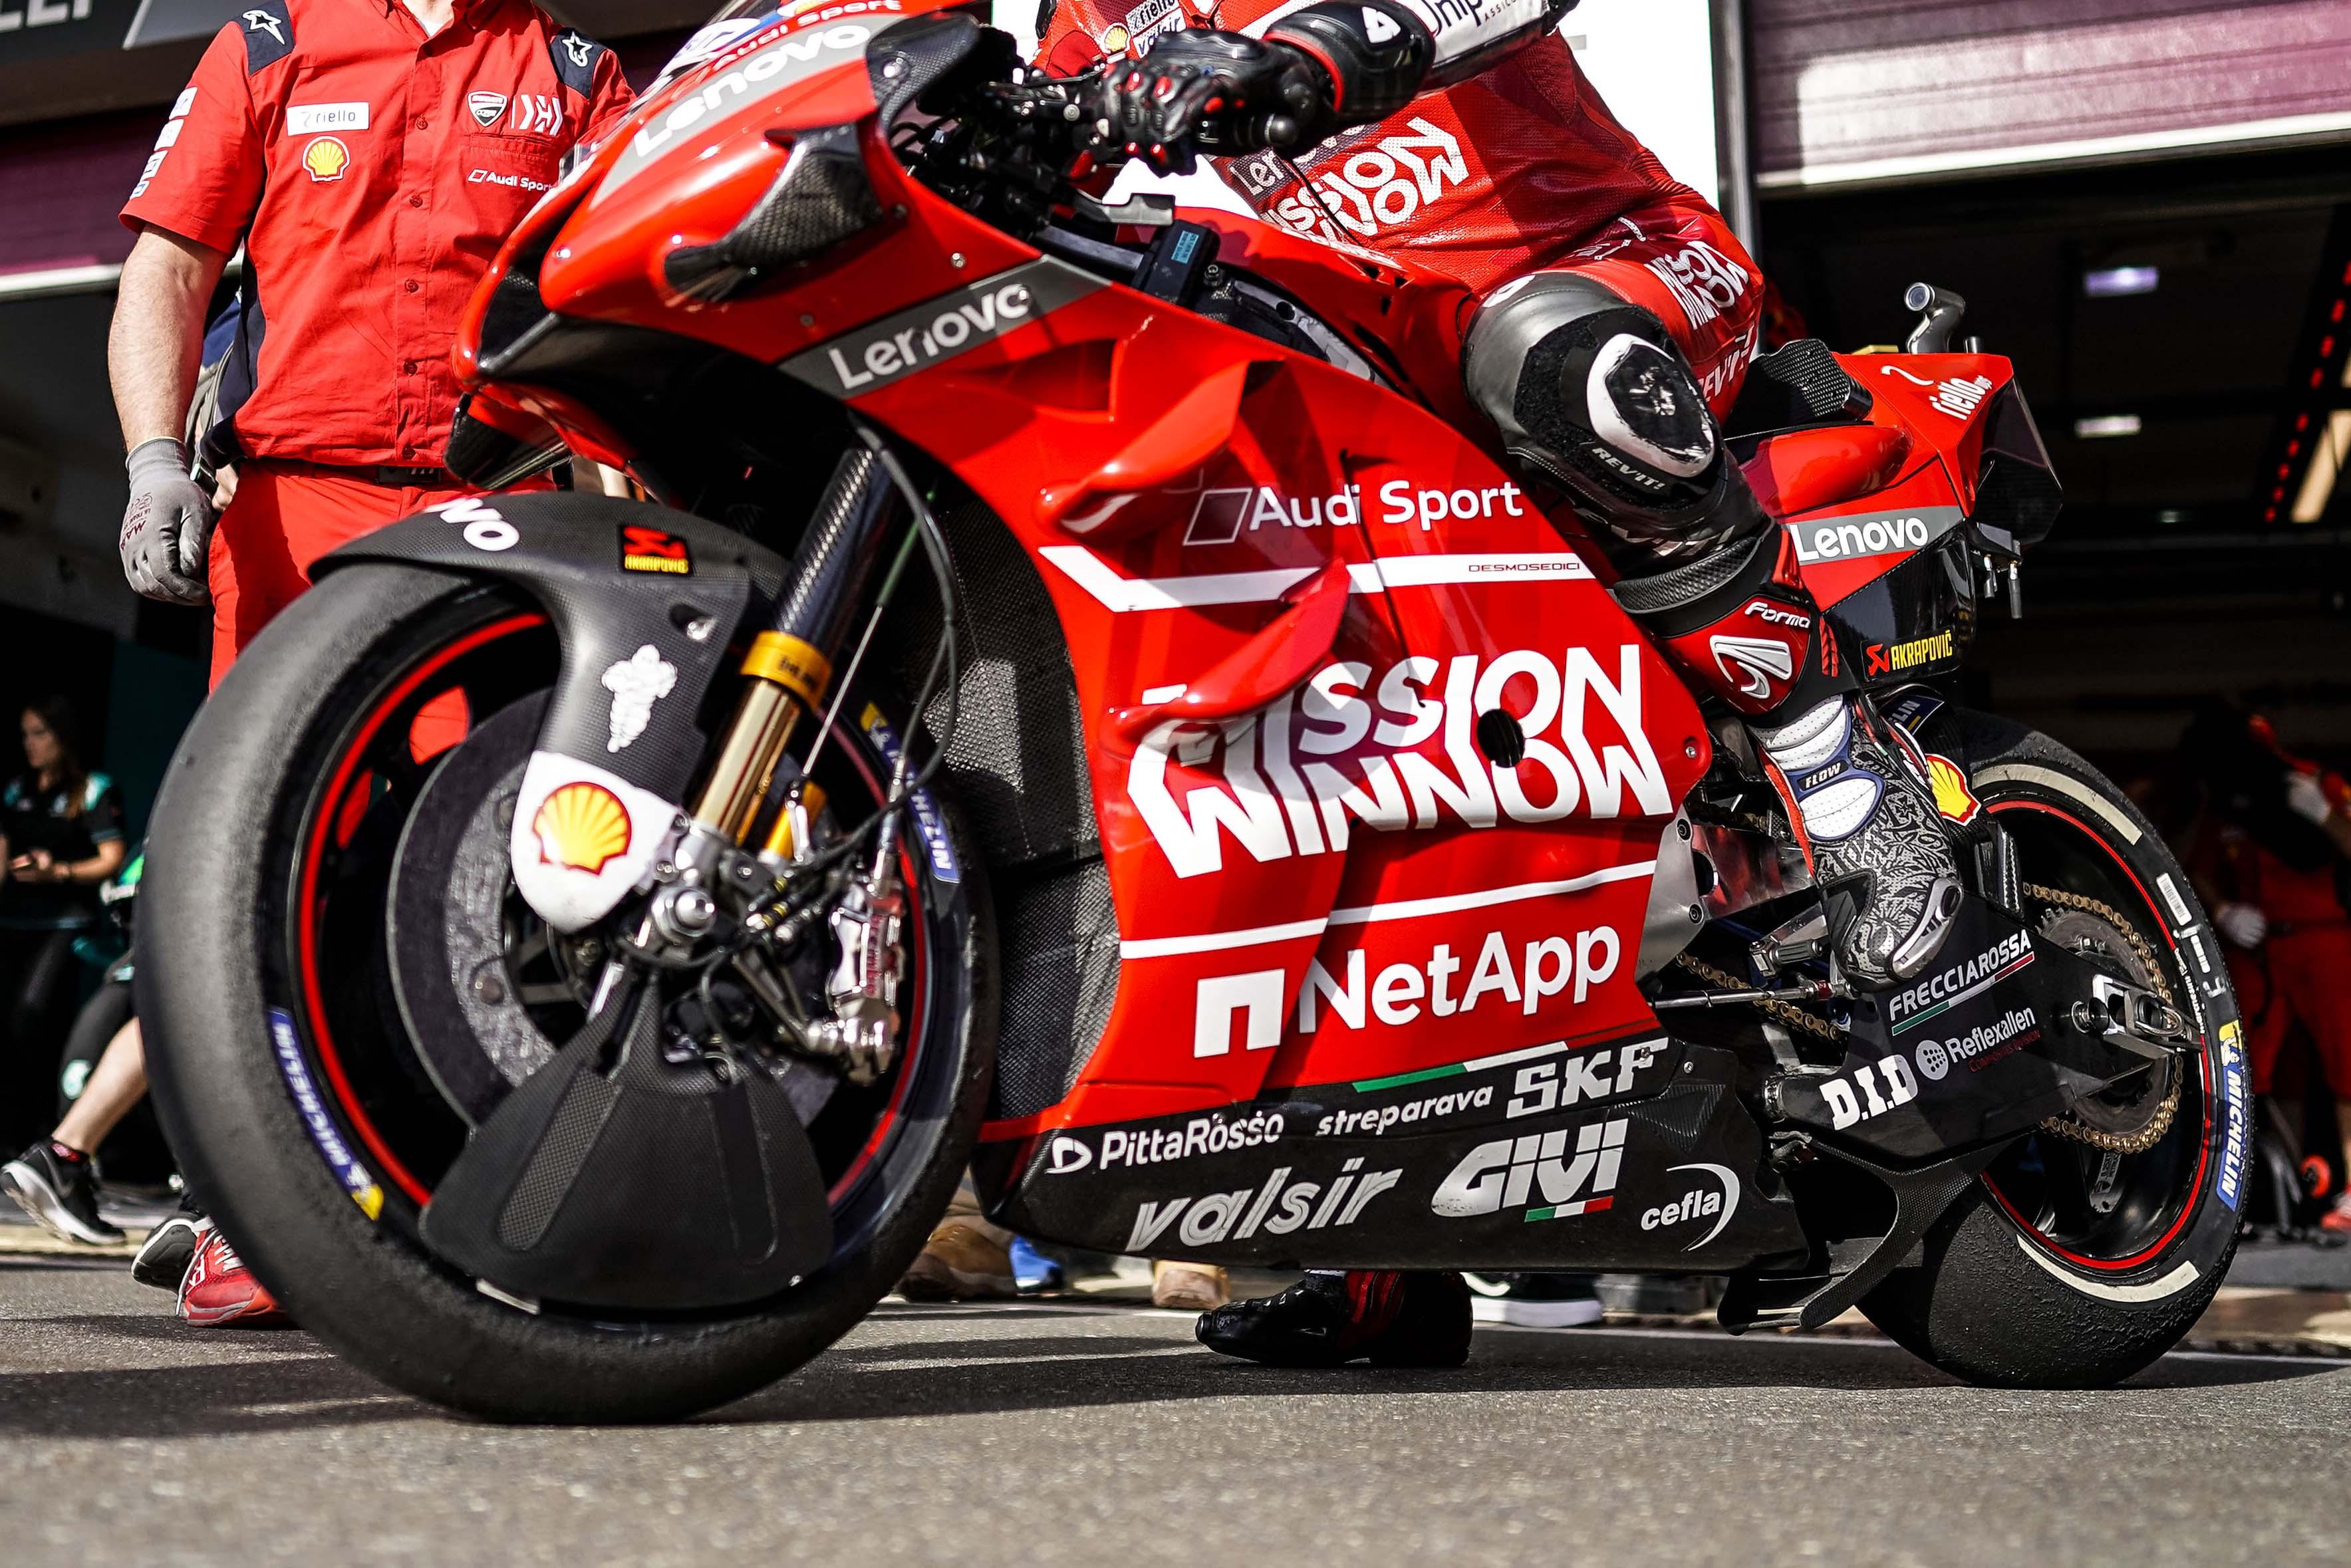 Calendario Motogp 2020 Pdf.Is Ducati S Aerodynamic Swingarm Motogp Legal Factories